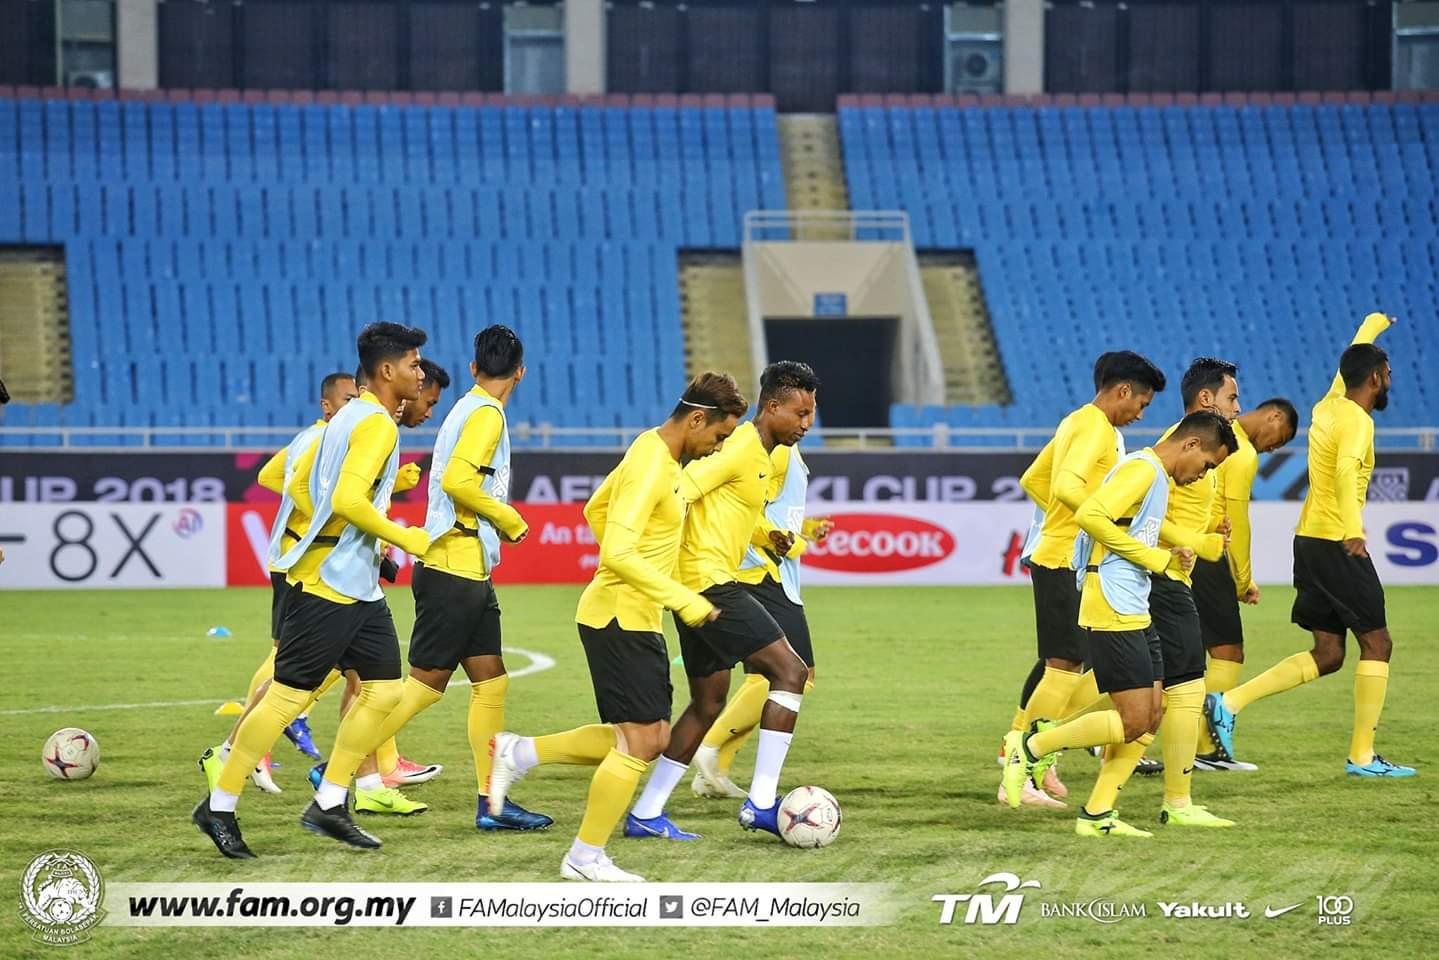 Ramalan Kesebelasan Utama Skuad Harimau Malaya Menentang Vietnam Final Piala AFF